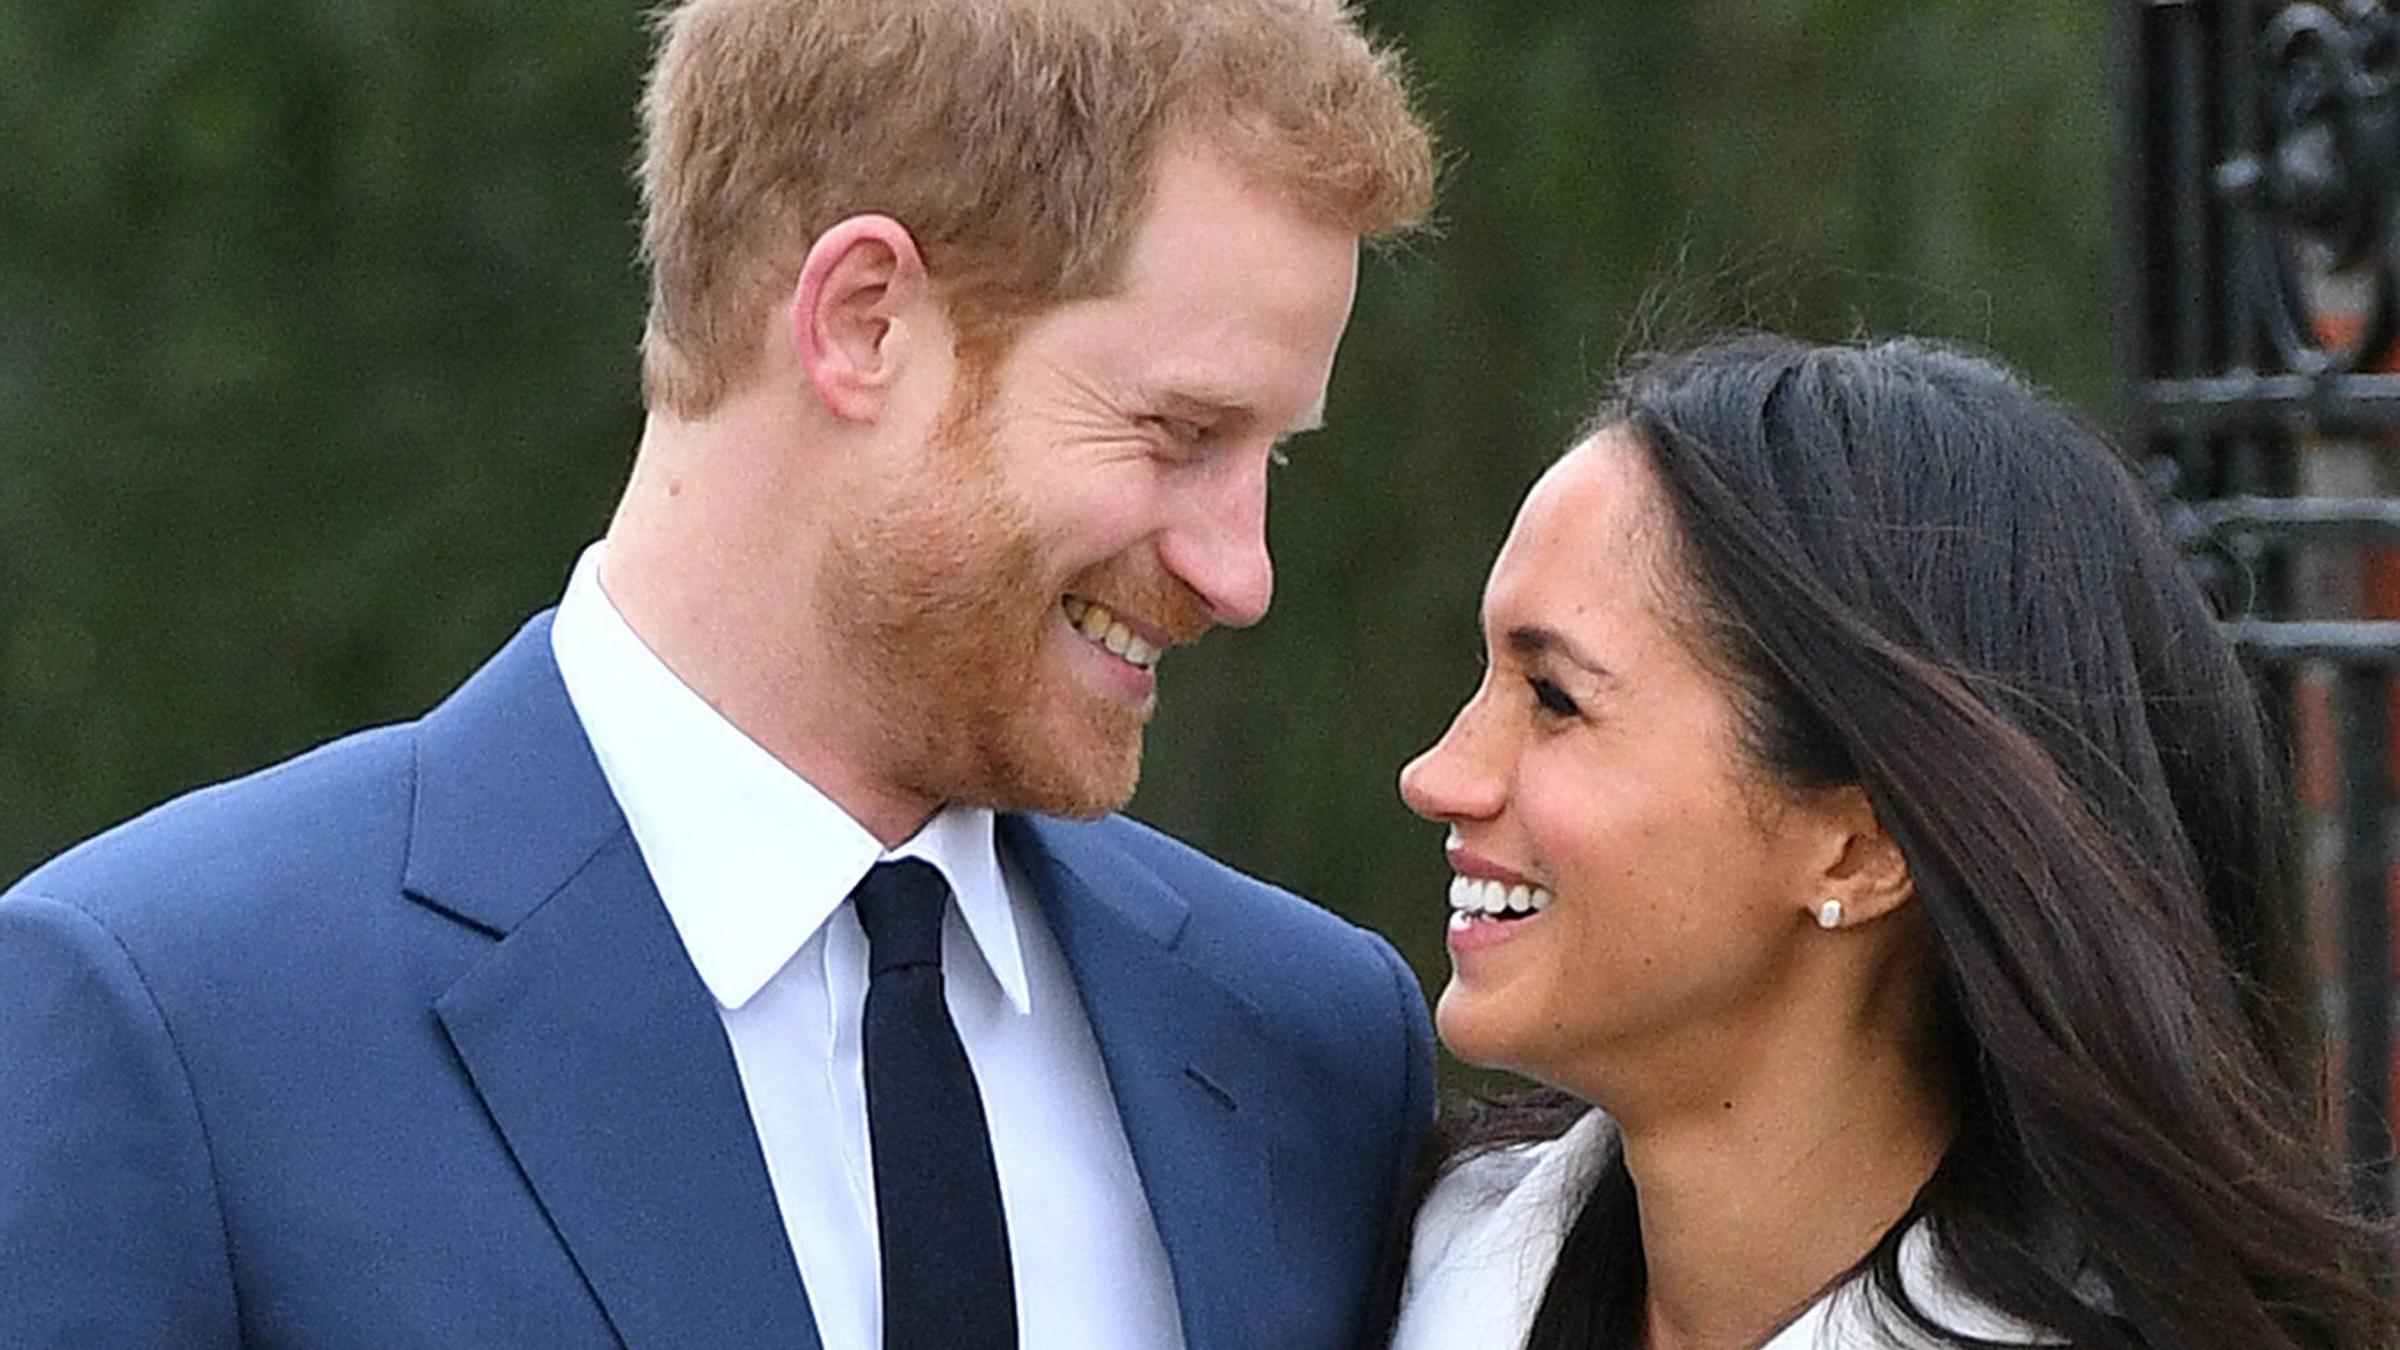 Kensington Palast Gibt Bekannt Hochzeit Von Prinz Harry Im Mai